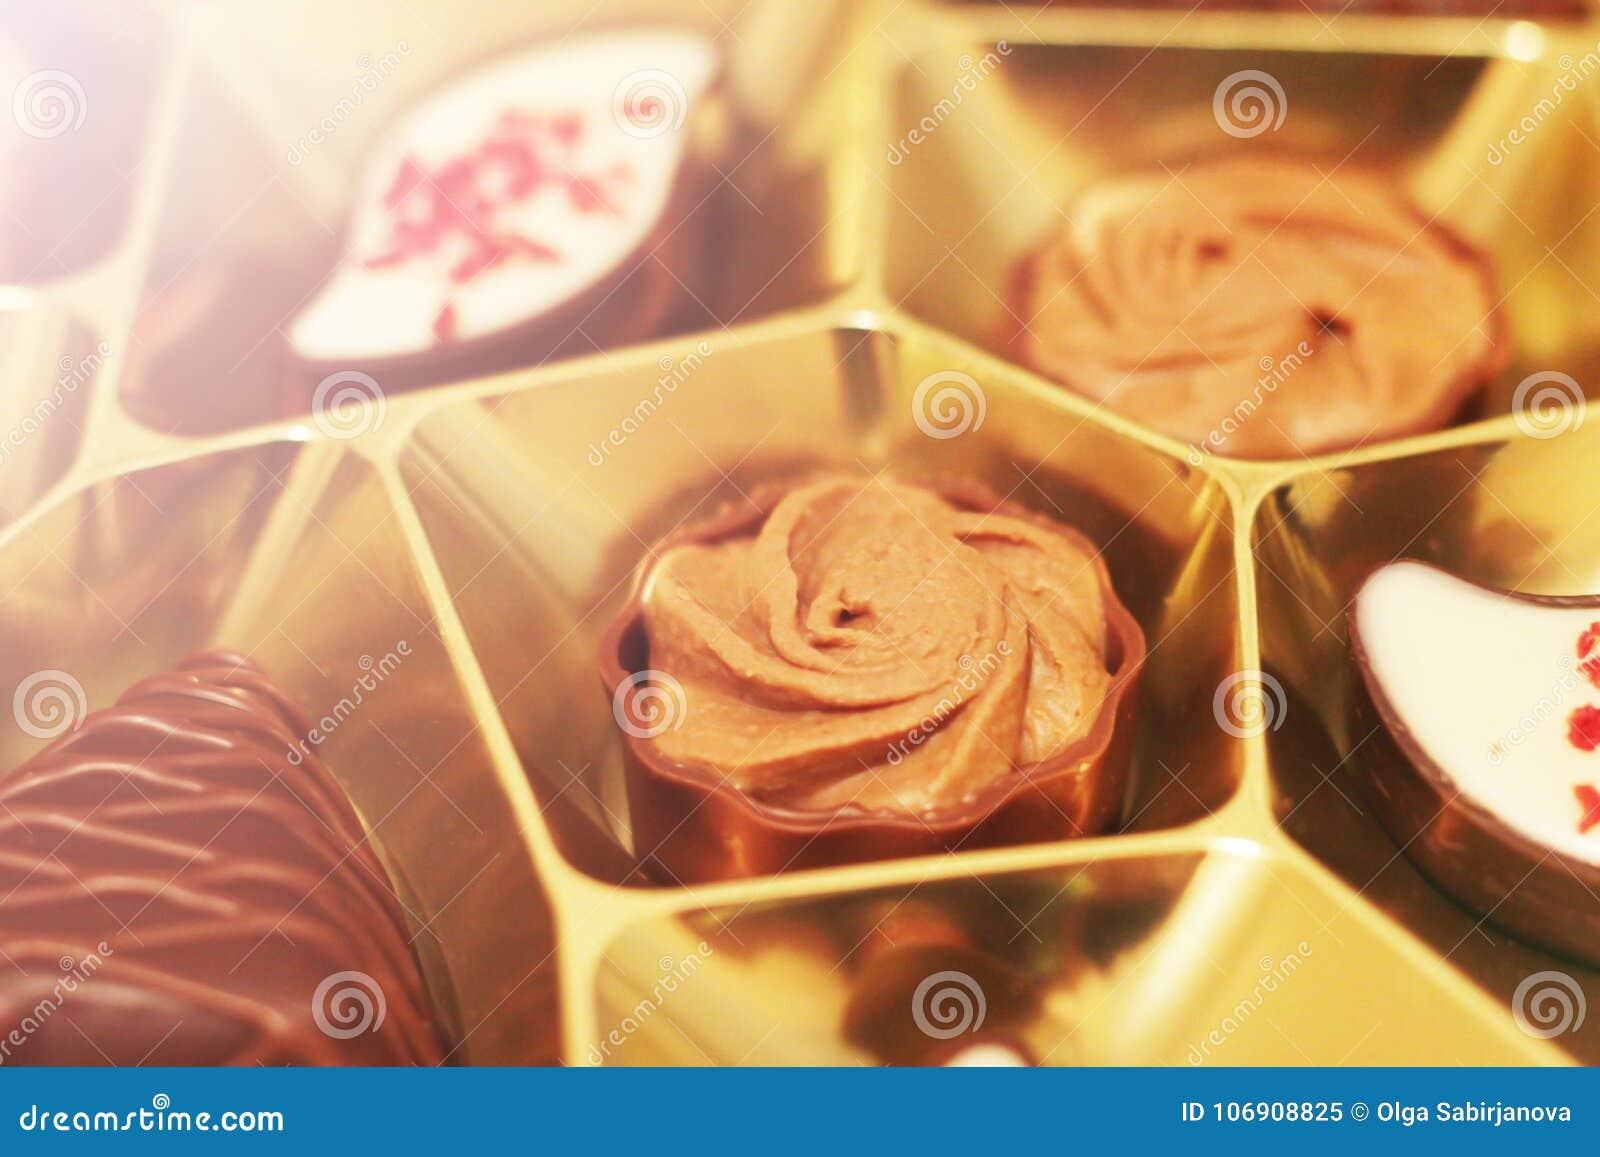 Różnorodni czekoladowi pralines, piękny słodki jedzenie